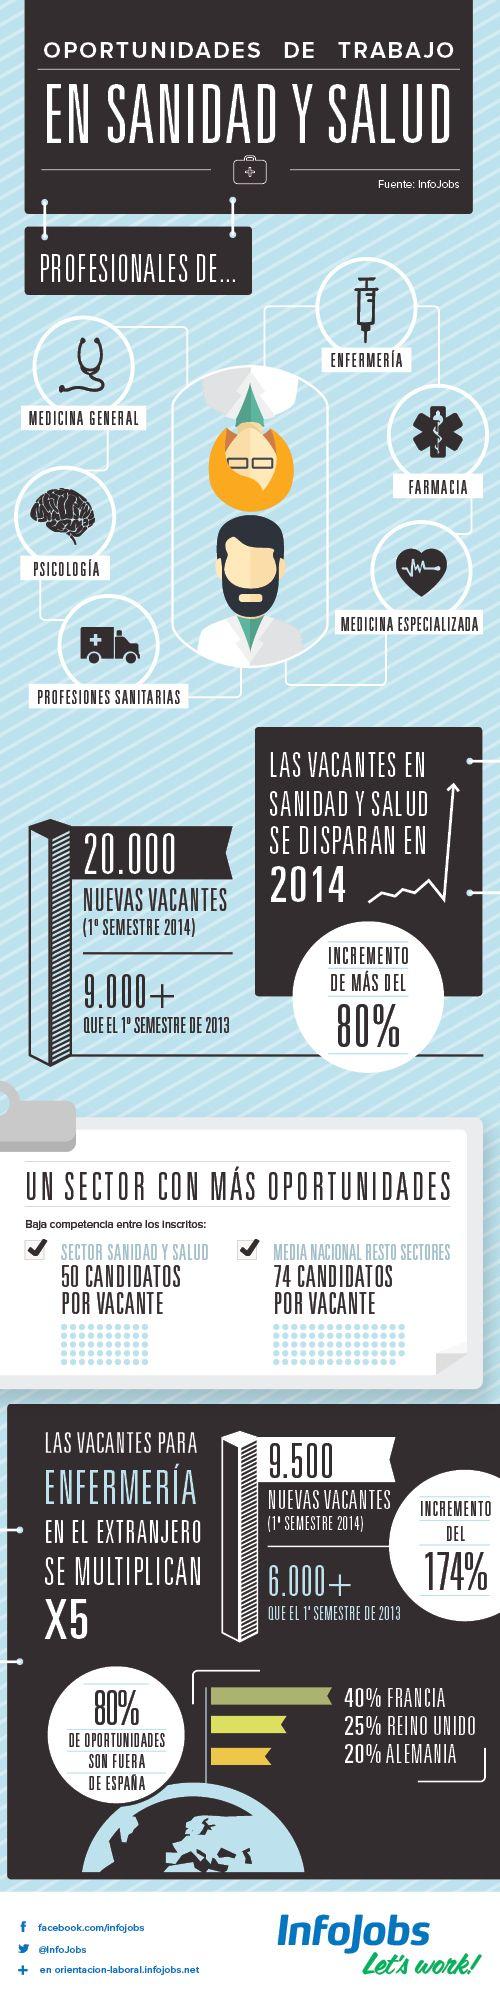 #Infografia Encontrar #trabajo en el sector de la #sanidad y #enfermería    by @infojobs_es #Empleo #RRHH #Orientacion #OrientacionLaboral #Infojobs